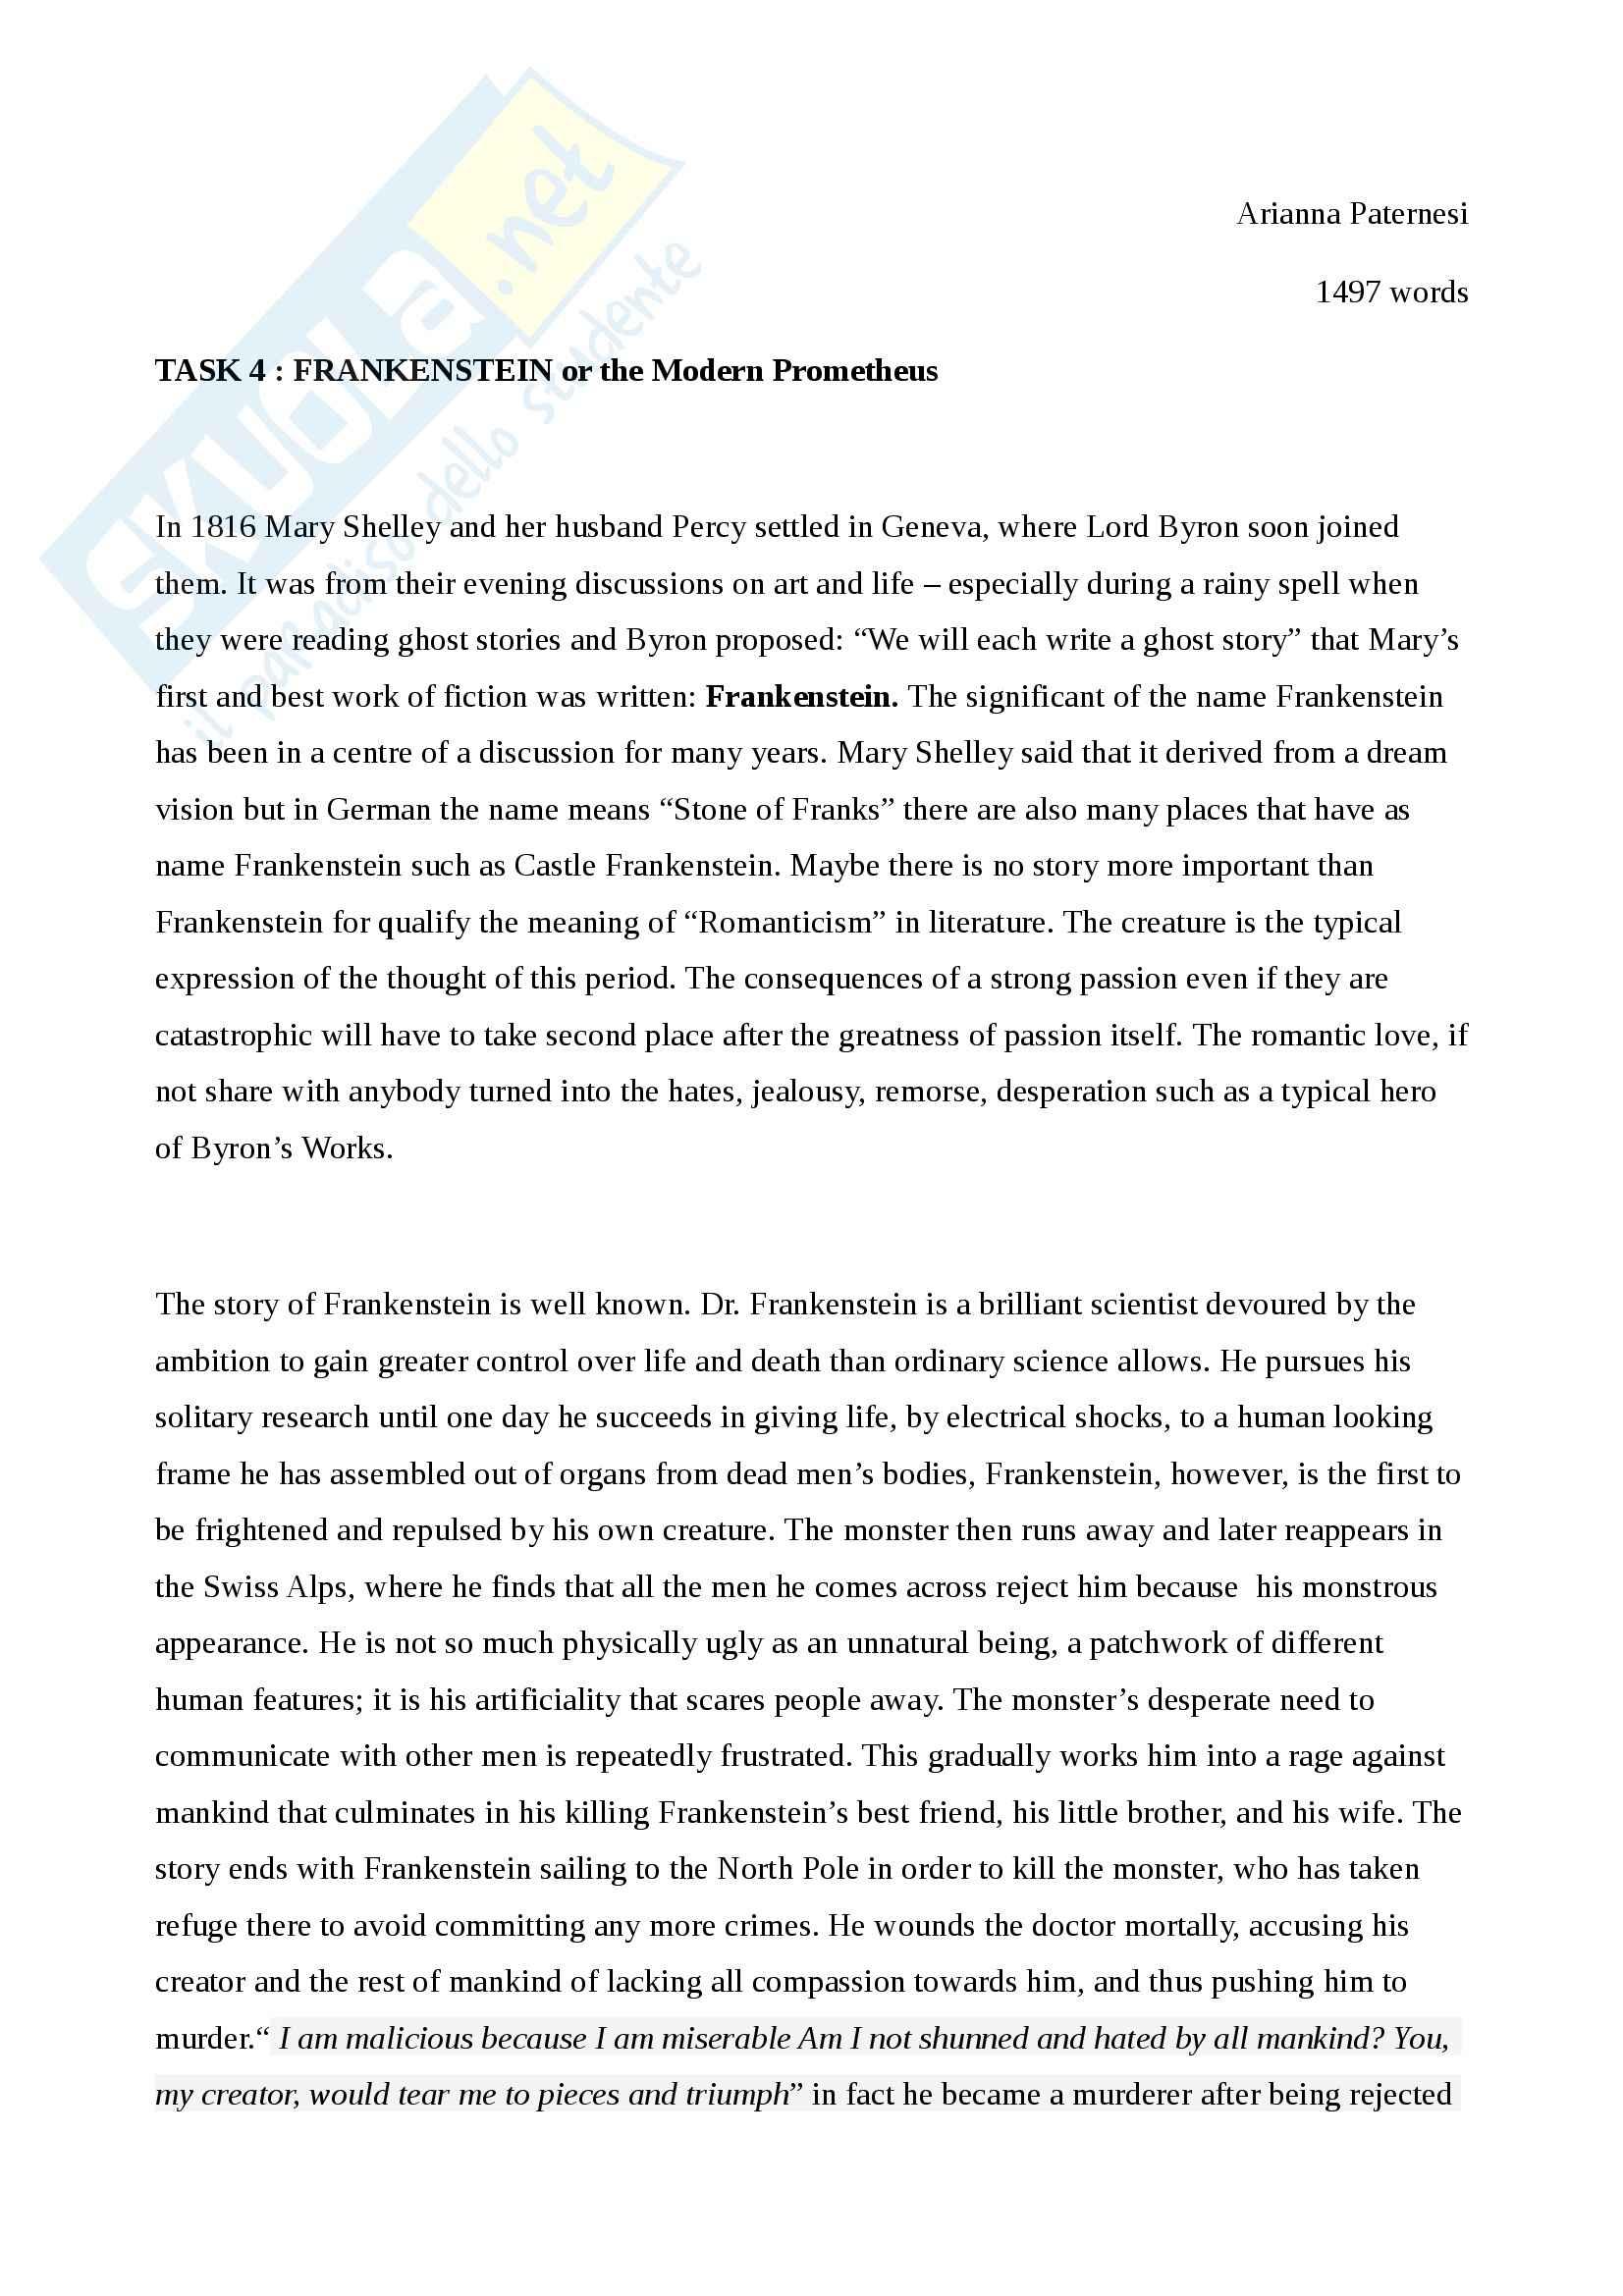 Frankenstein analysis essay